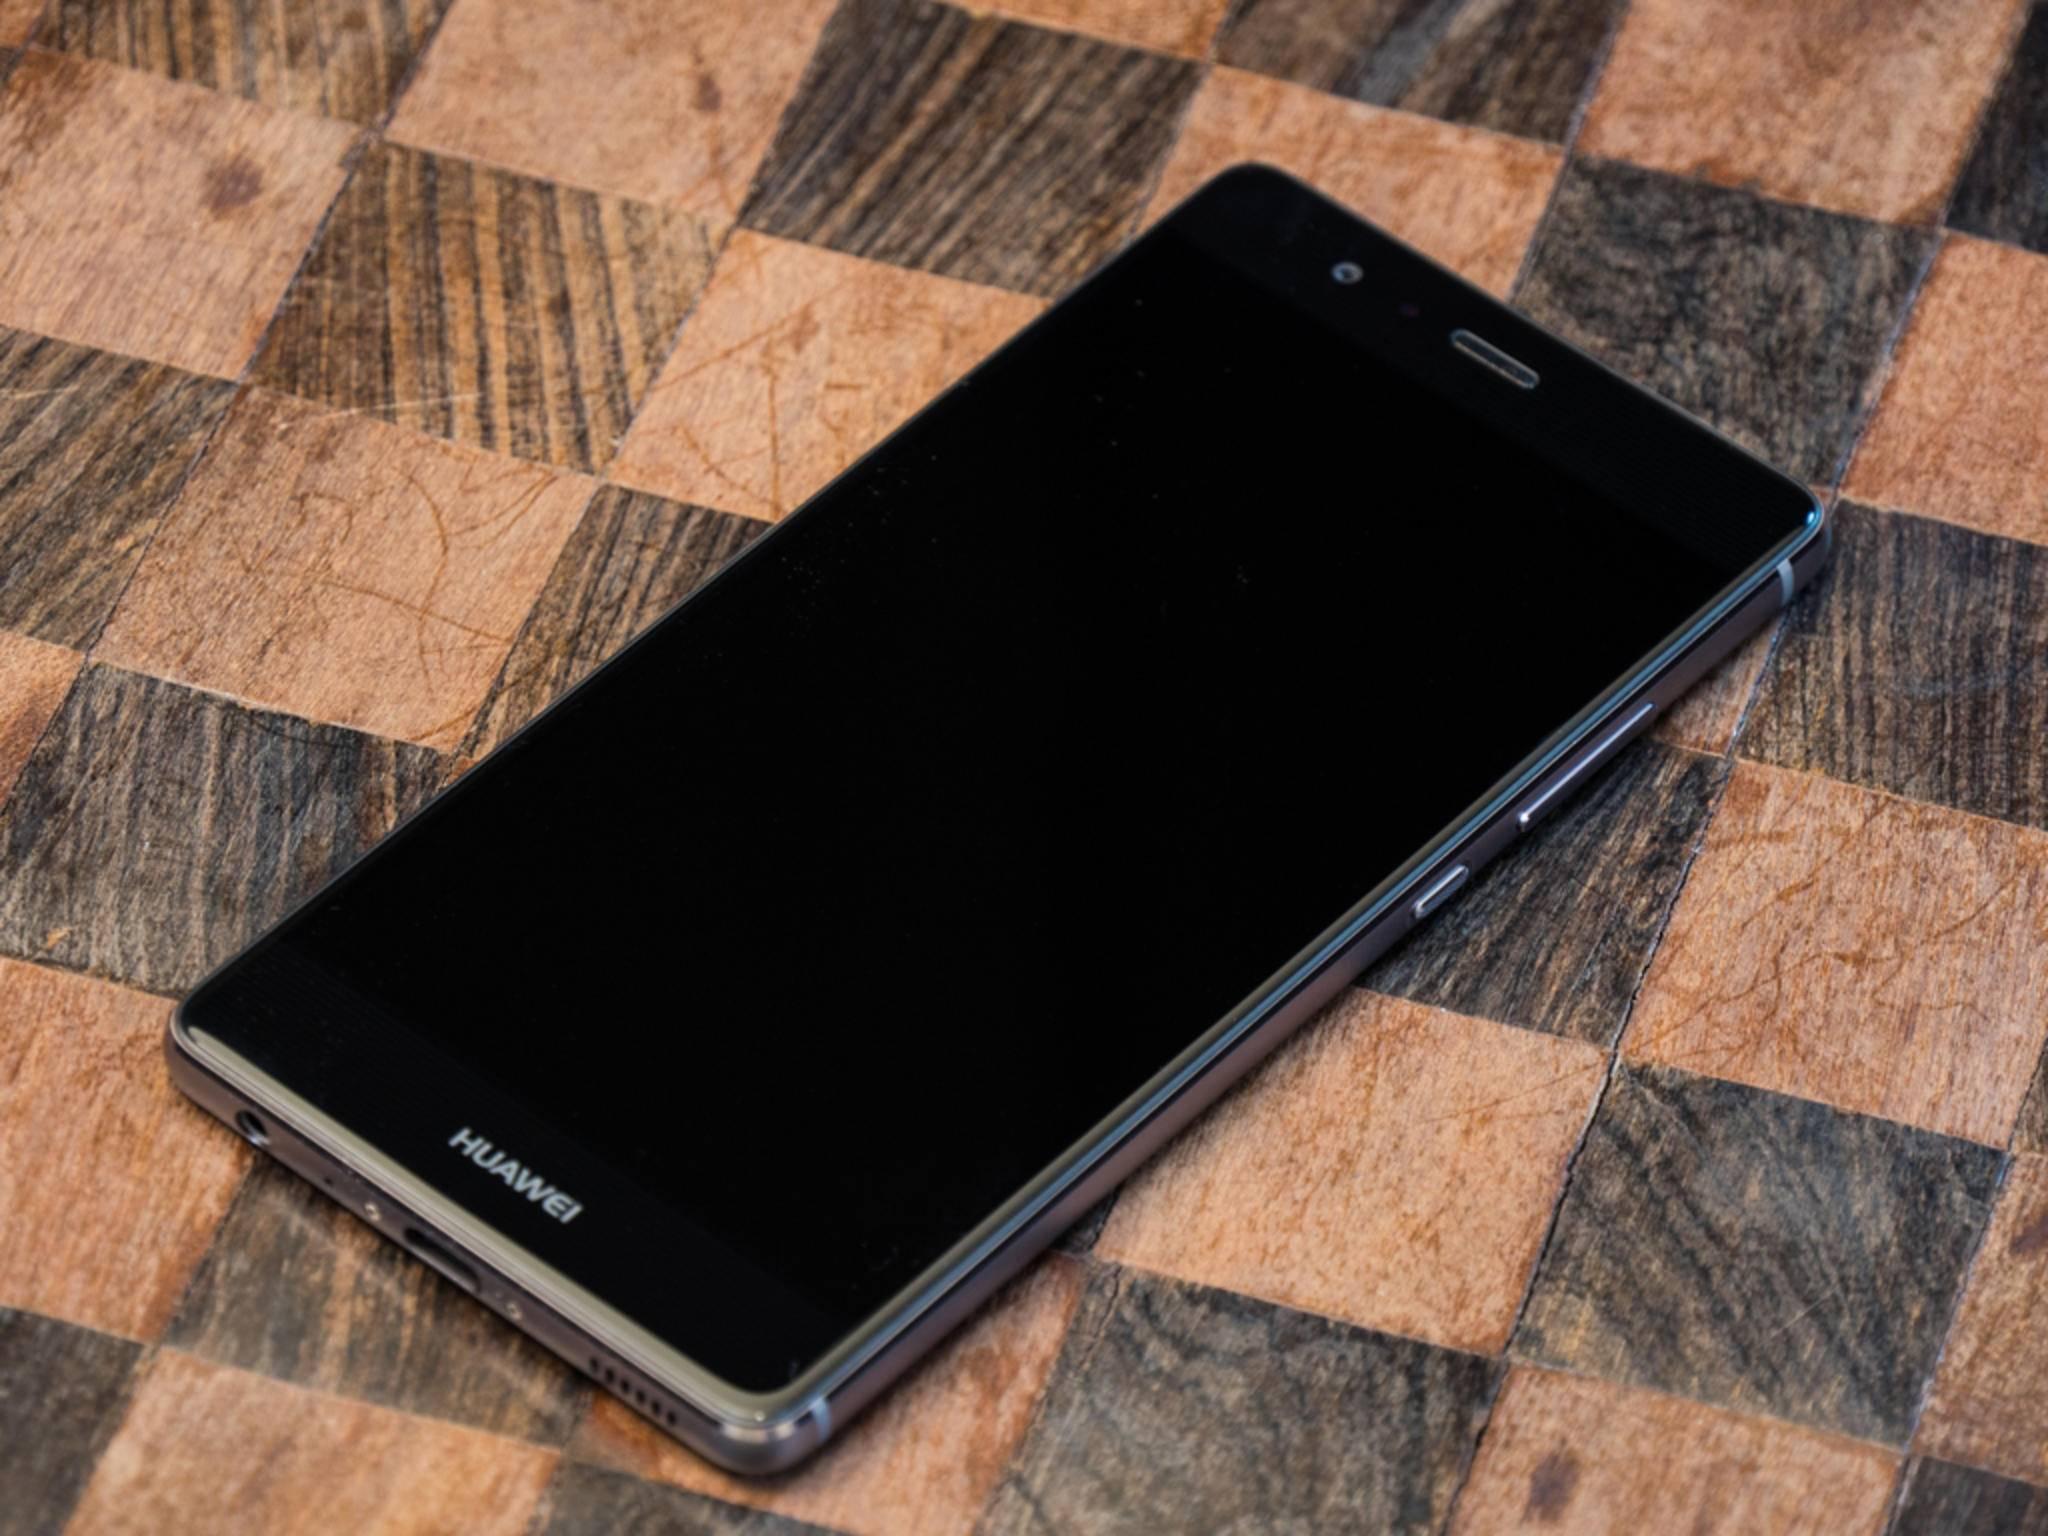 Das Design des Huawei P9 ist schlicht und elegant.